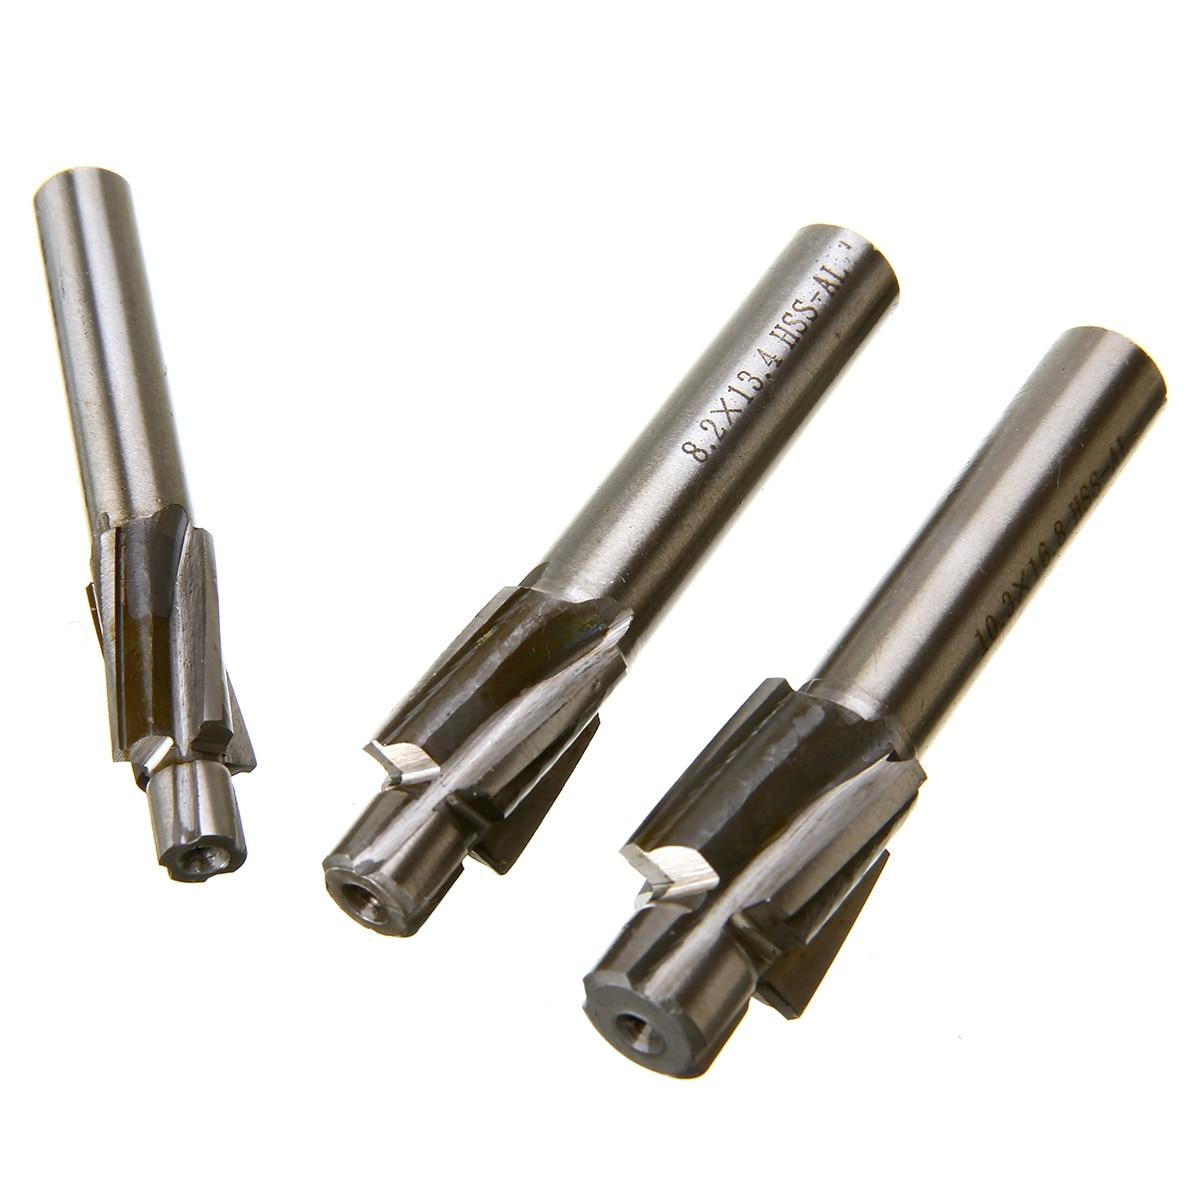 5Pcs M3-M8 HSS Countersink bore End Mill Pilot Slot Milling Cutter CNC Mill Sets